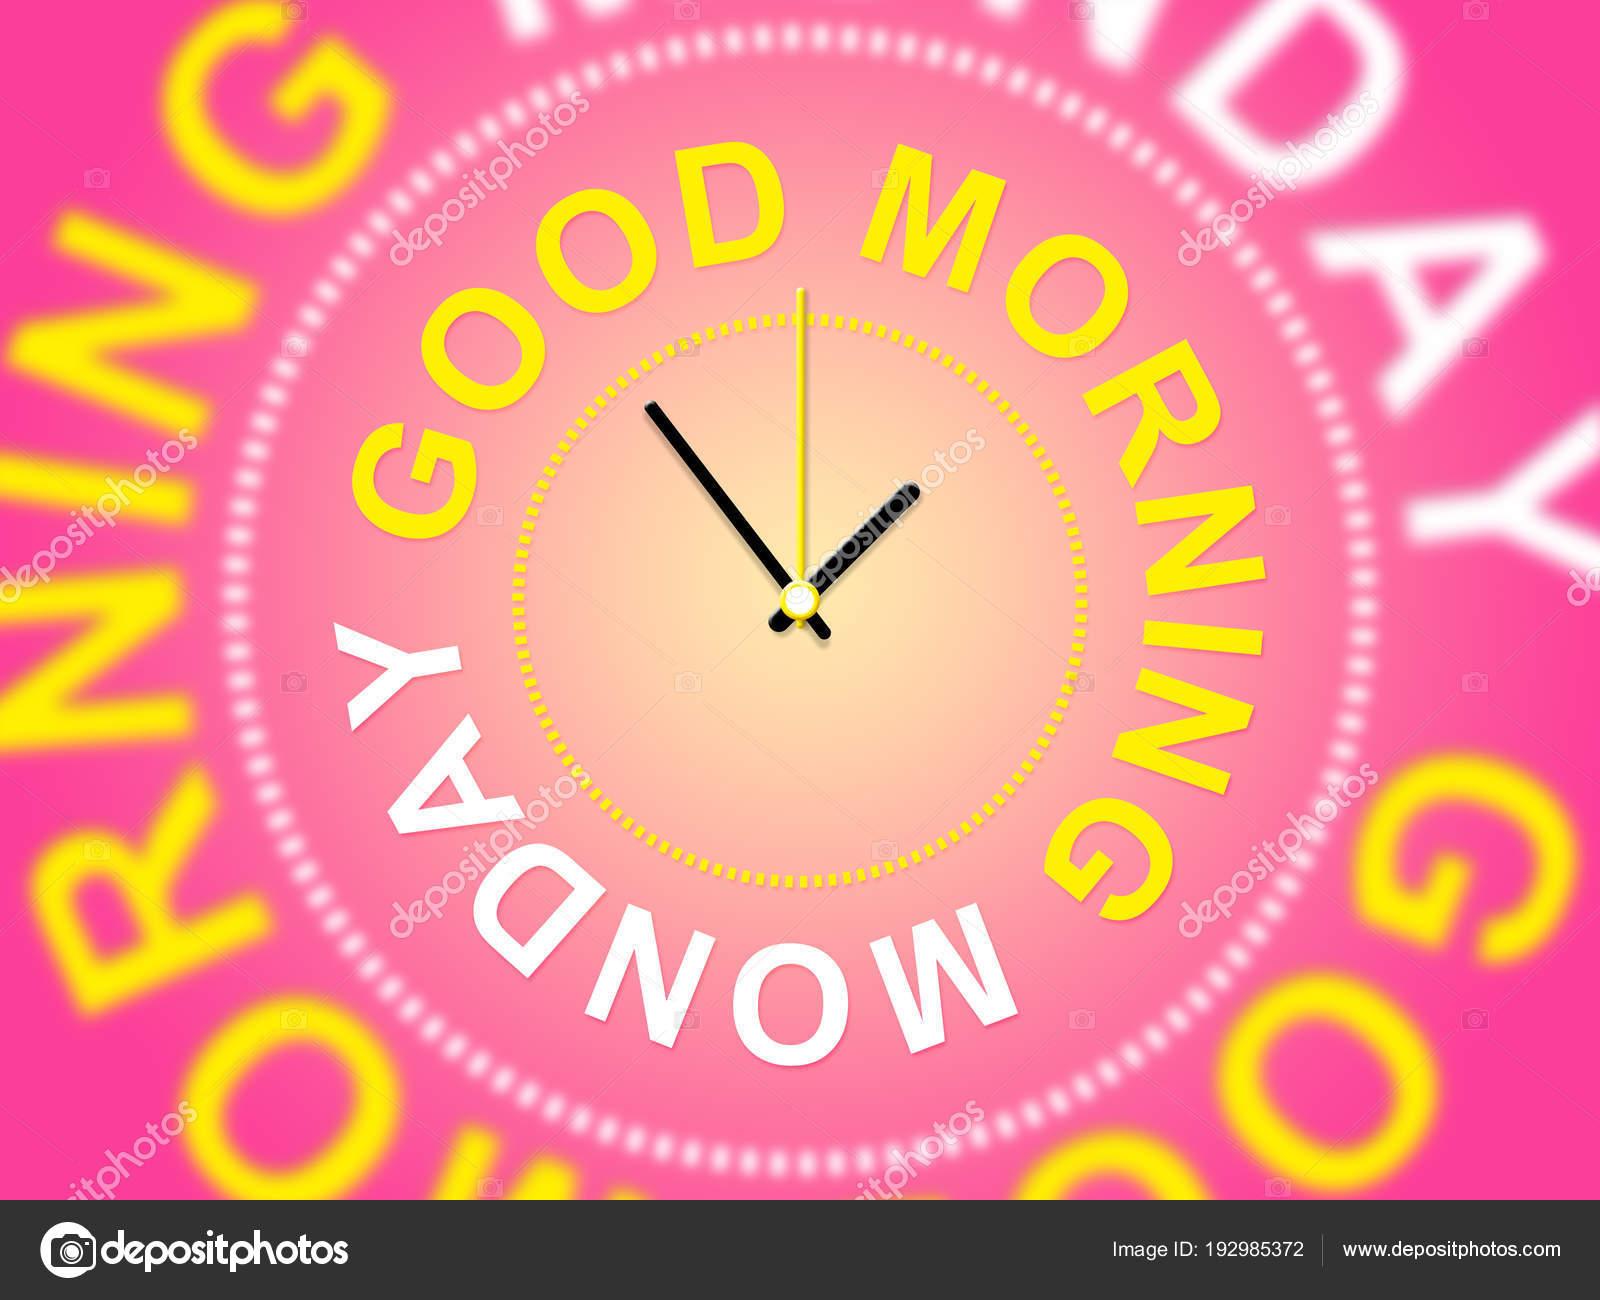 Bom Dia Segunda Feira Motivacional Cita Ilustração 3d